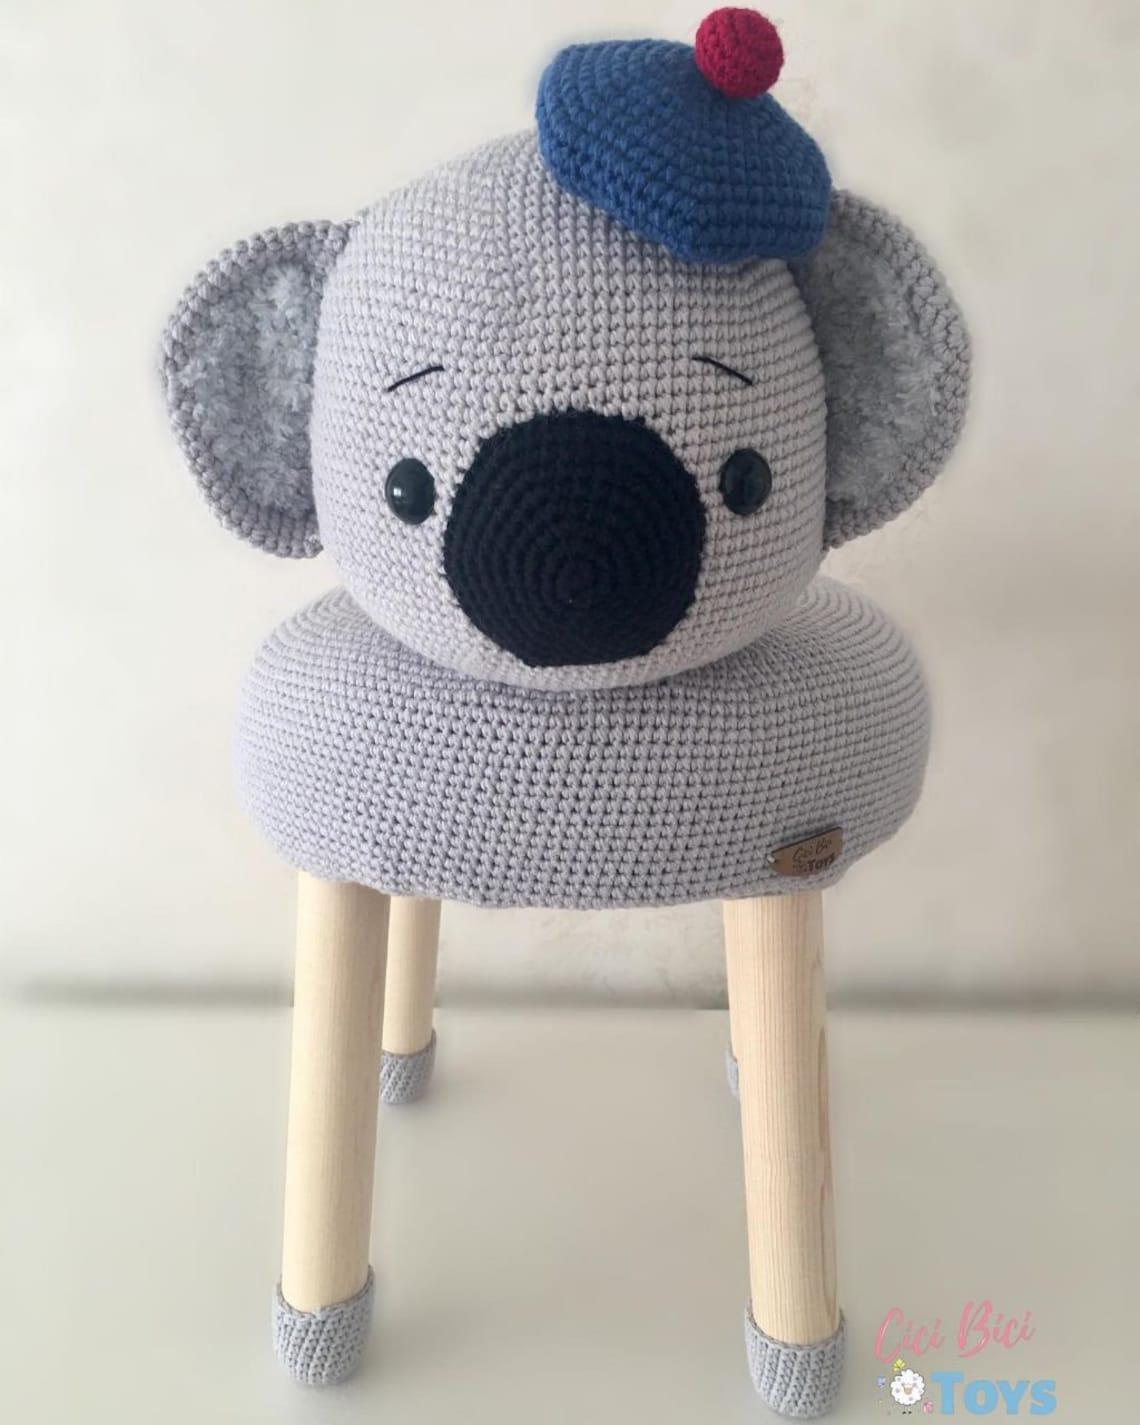 Amigurumi Children's Stool Koala Knitting Toys